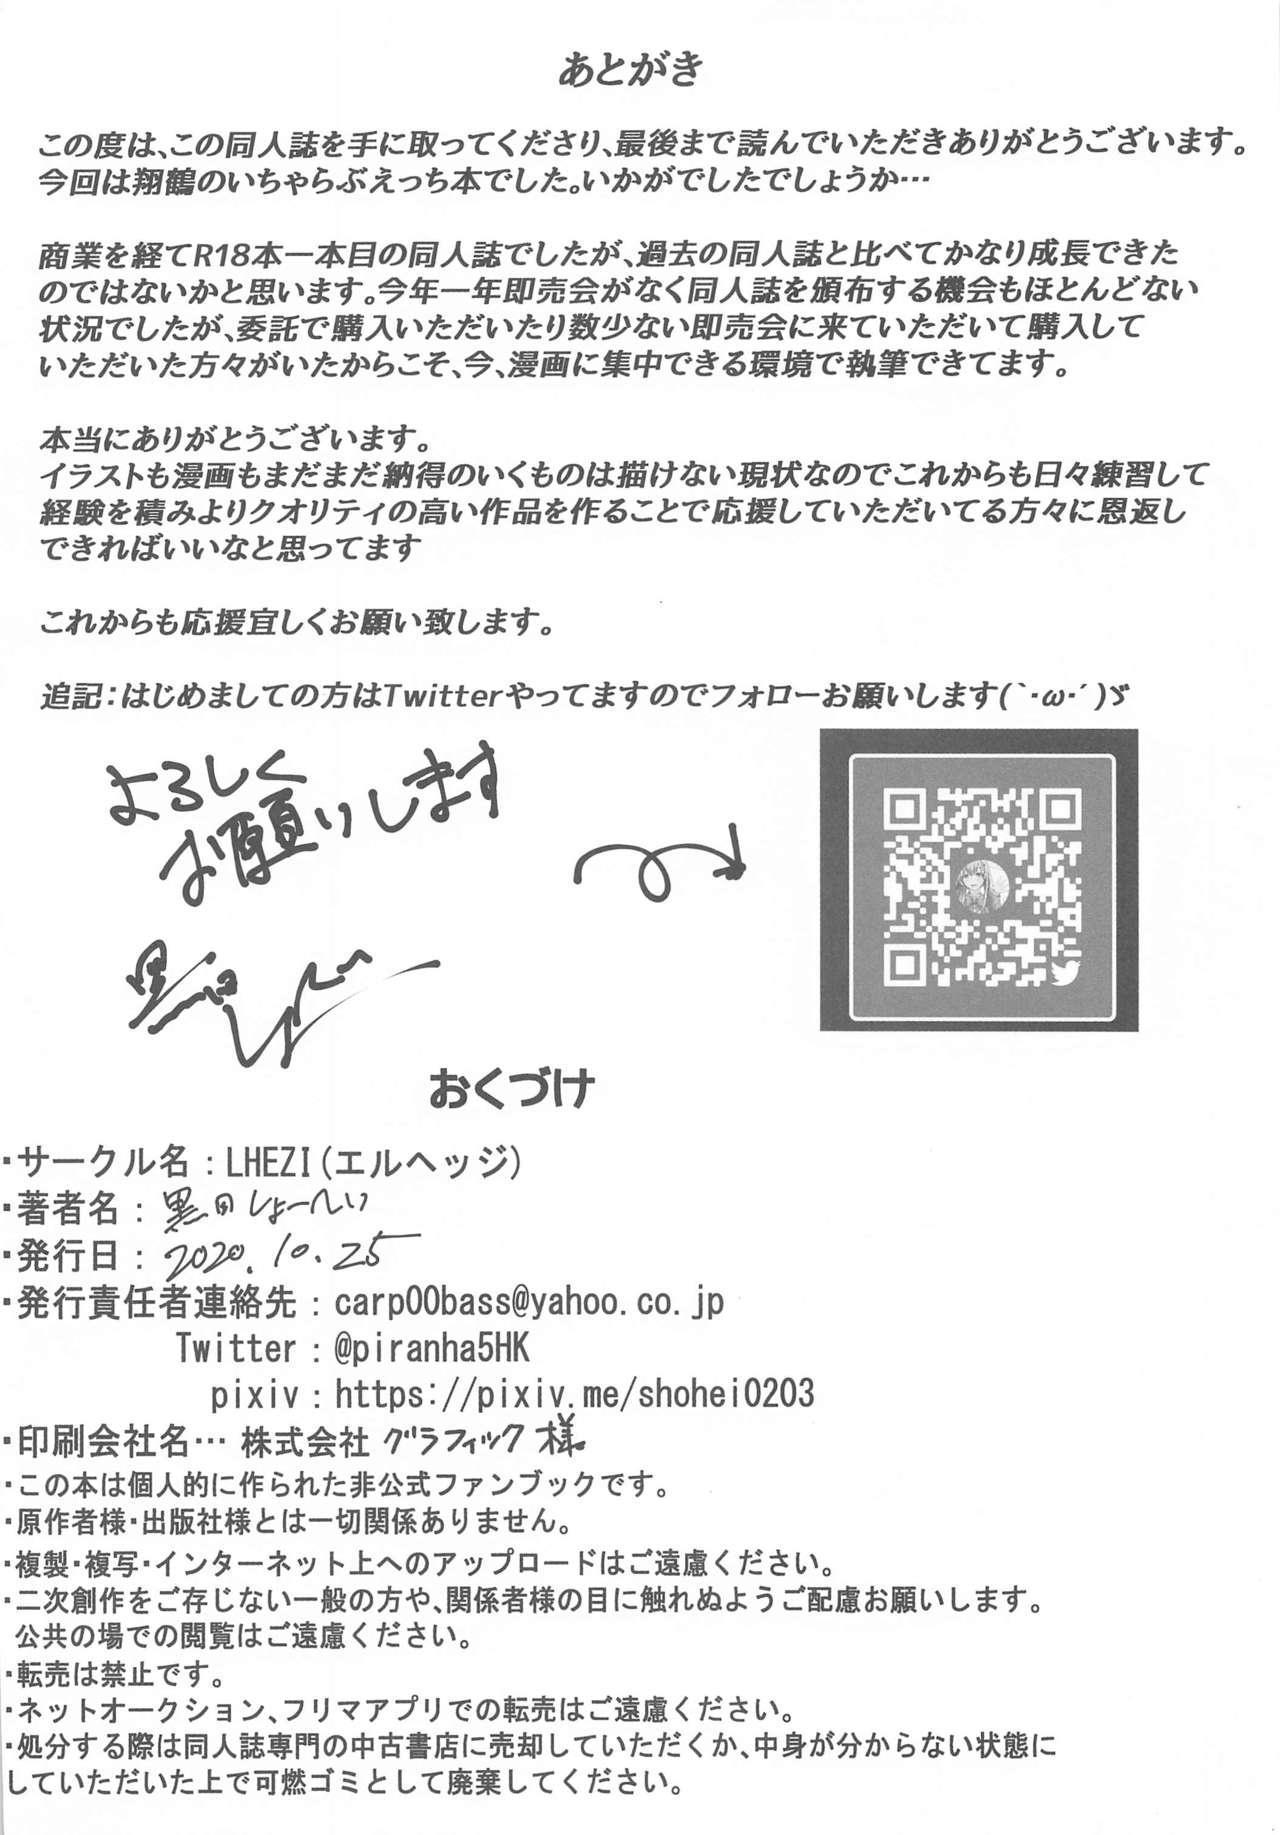 (Houraigekisen & Gunreibu Shuho 2020 Autumn Goudou Enshuu) [LHEZI (Kuroda Shohei)] Shoukaku kara no Kokuhaku ~Pure Love Ecchi~ (Kantai Collection -KanColle-)[Chinese]【不可视汉化】 21